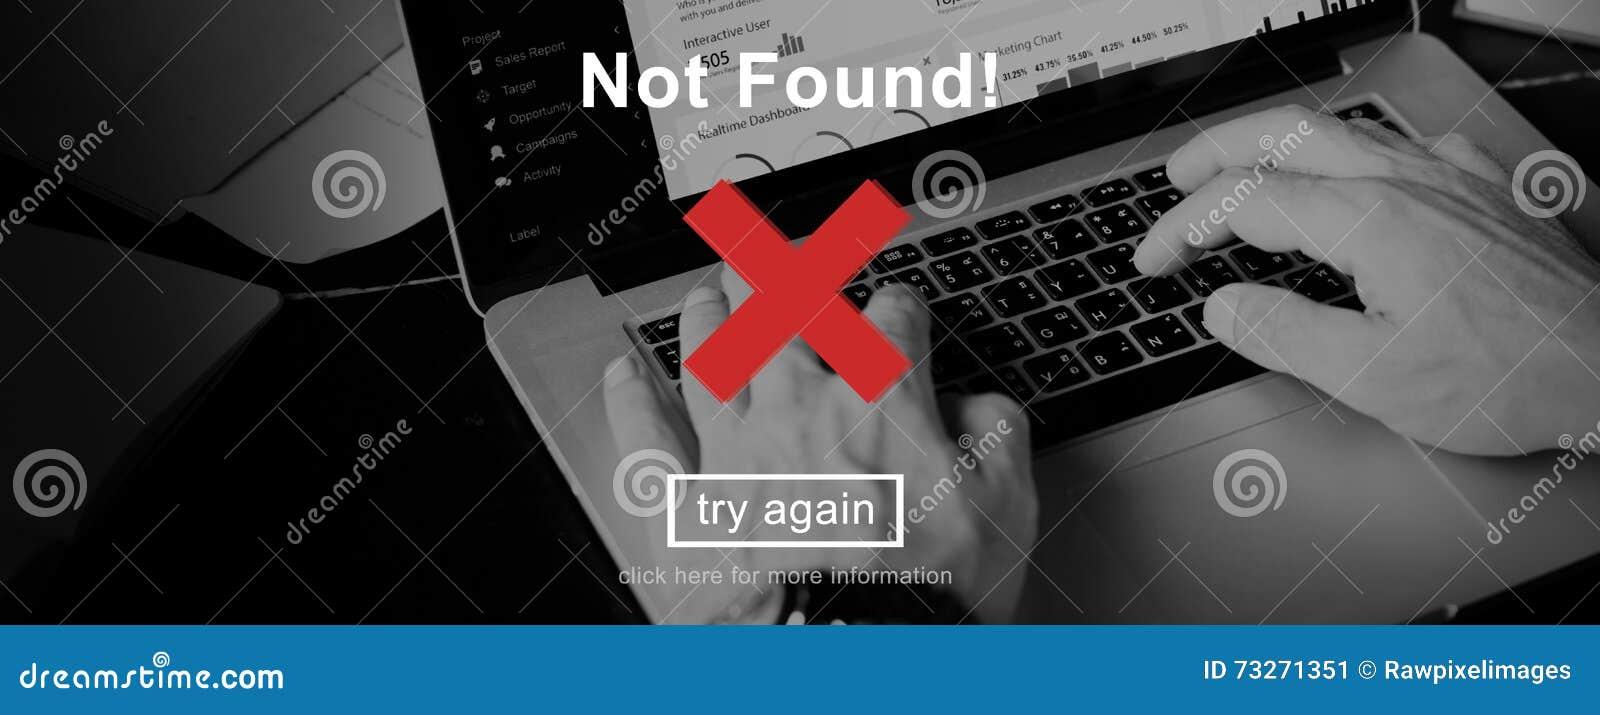 没被找到的错误失败问题概念